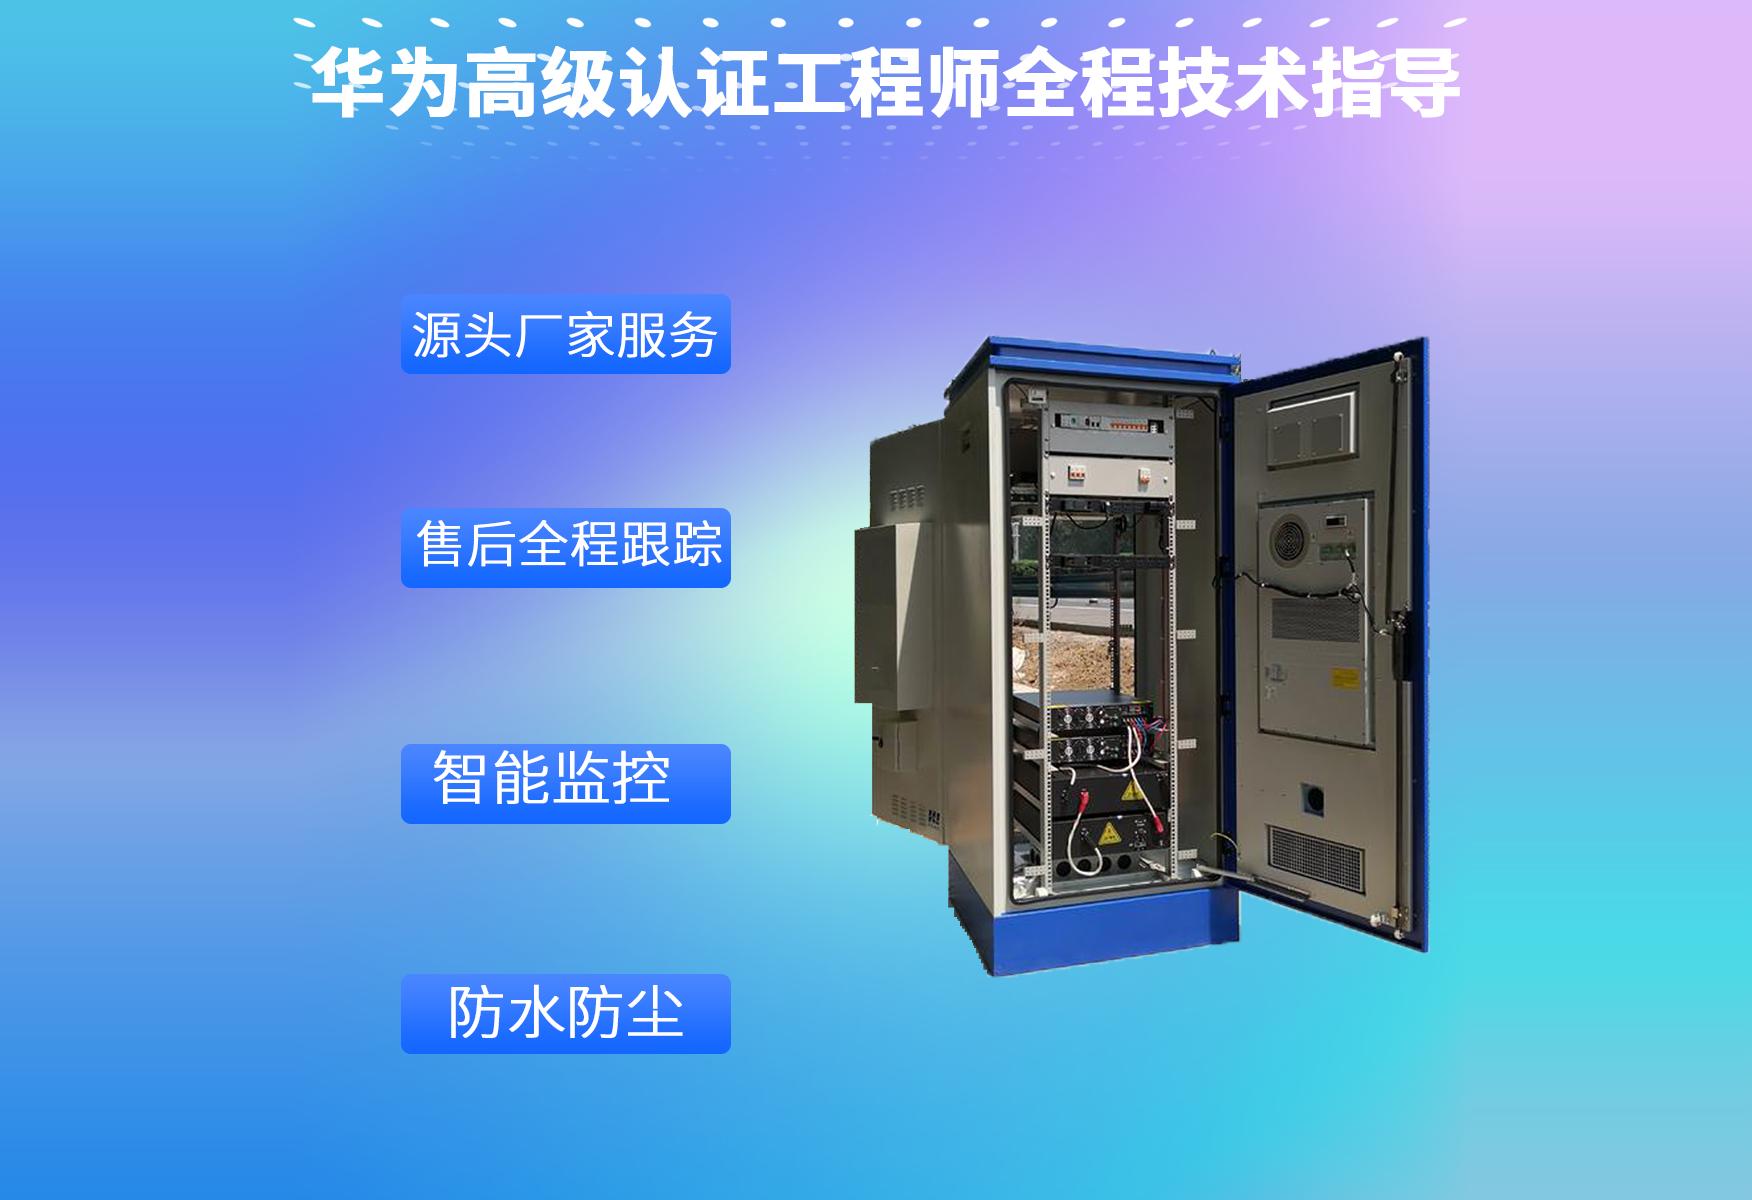 机电一体化机柜-机电一体化空调-<p>机电一体化机柜-机电一体化产品有哪些-机电一体化空调-复兴通信</p> -物联网可控电源